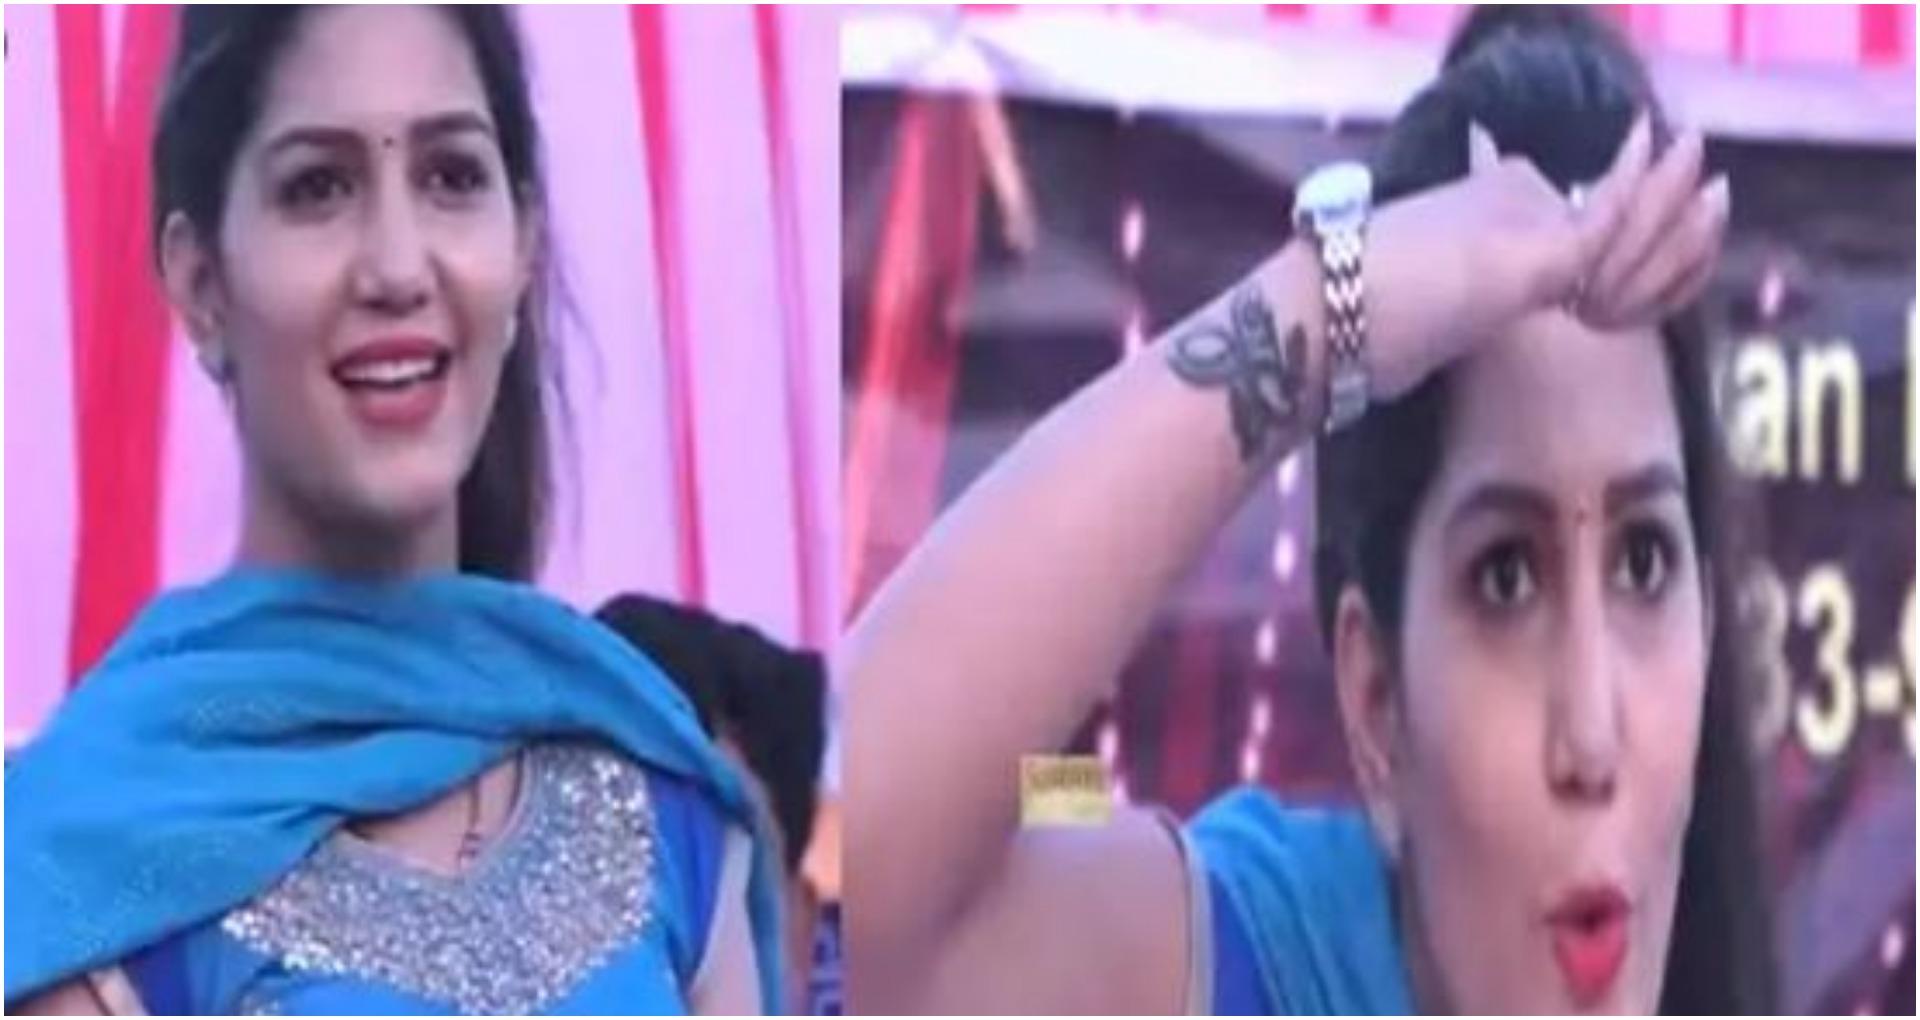 Sapna Choudhary Dance: सपना चौधरी ने 'बदली बदली' गाने पर ठुमकों से लोगों को किया घायल, देखें वीडियो